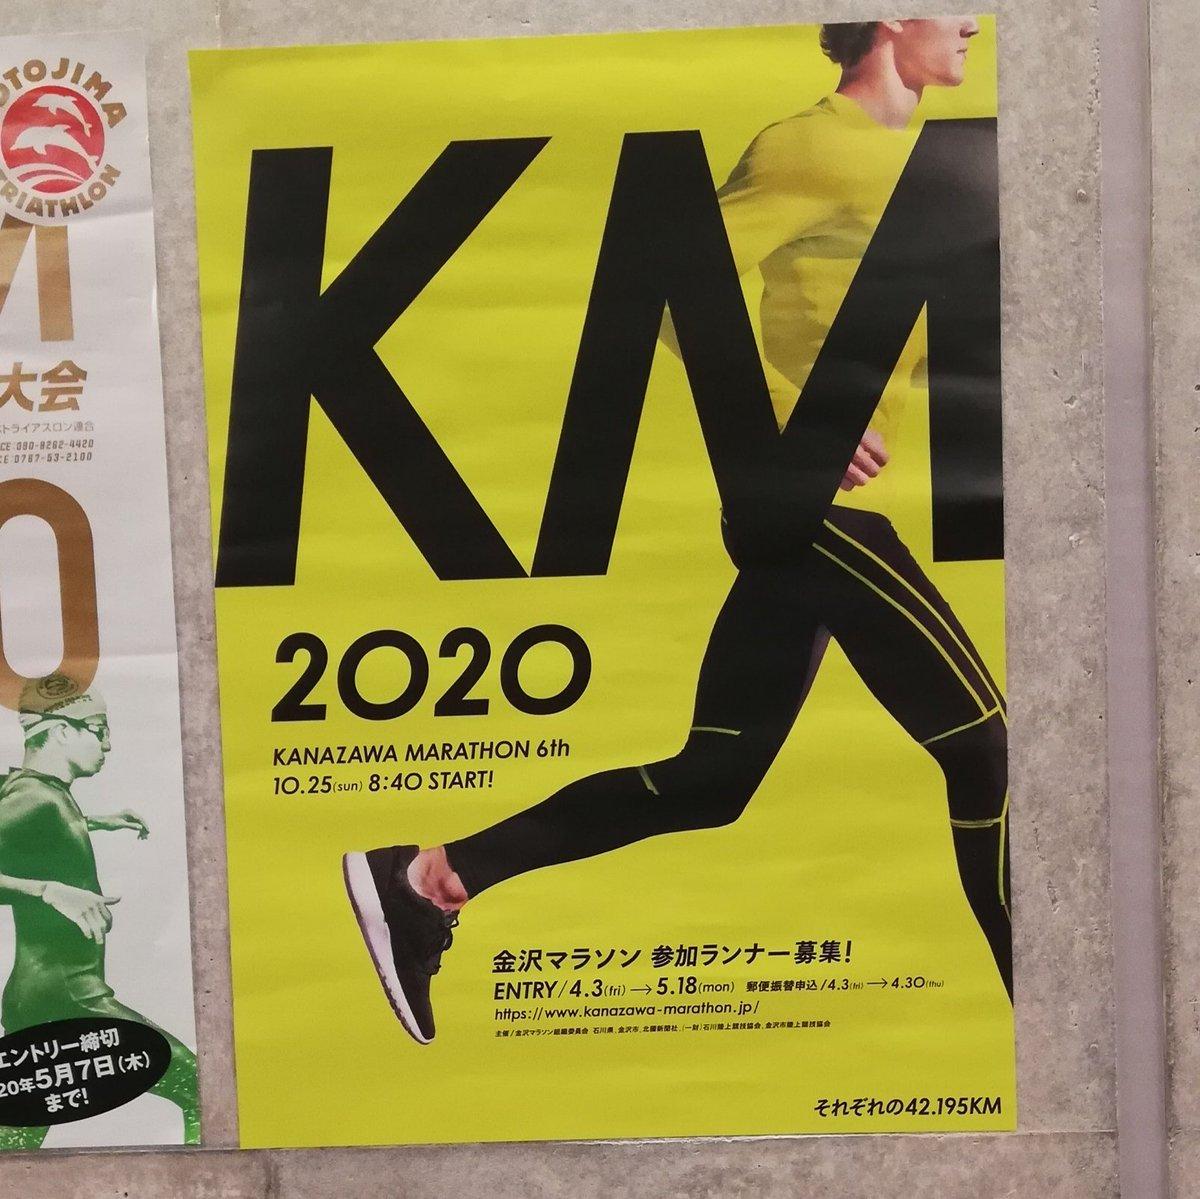 test ツイッターメディア - 金沢マラソン KM2020、本日よりエントリースタートのはずが延期になりました😅 秋にはコロナ終息してほしいので、新ロゴで祈顔マラソン KM2020。。。纏を振る旧ロゴのほうが祈願ランっぽいかな🙏 #コロナに負けるな #顔マラソン #GPSアート #お絵かきラン #gpsART #stravaArt  #金沢マラソン #KM2020 https://t.co/bpgJnV7XUw